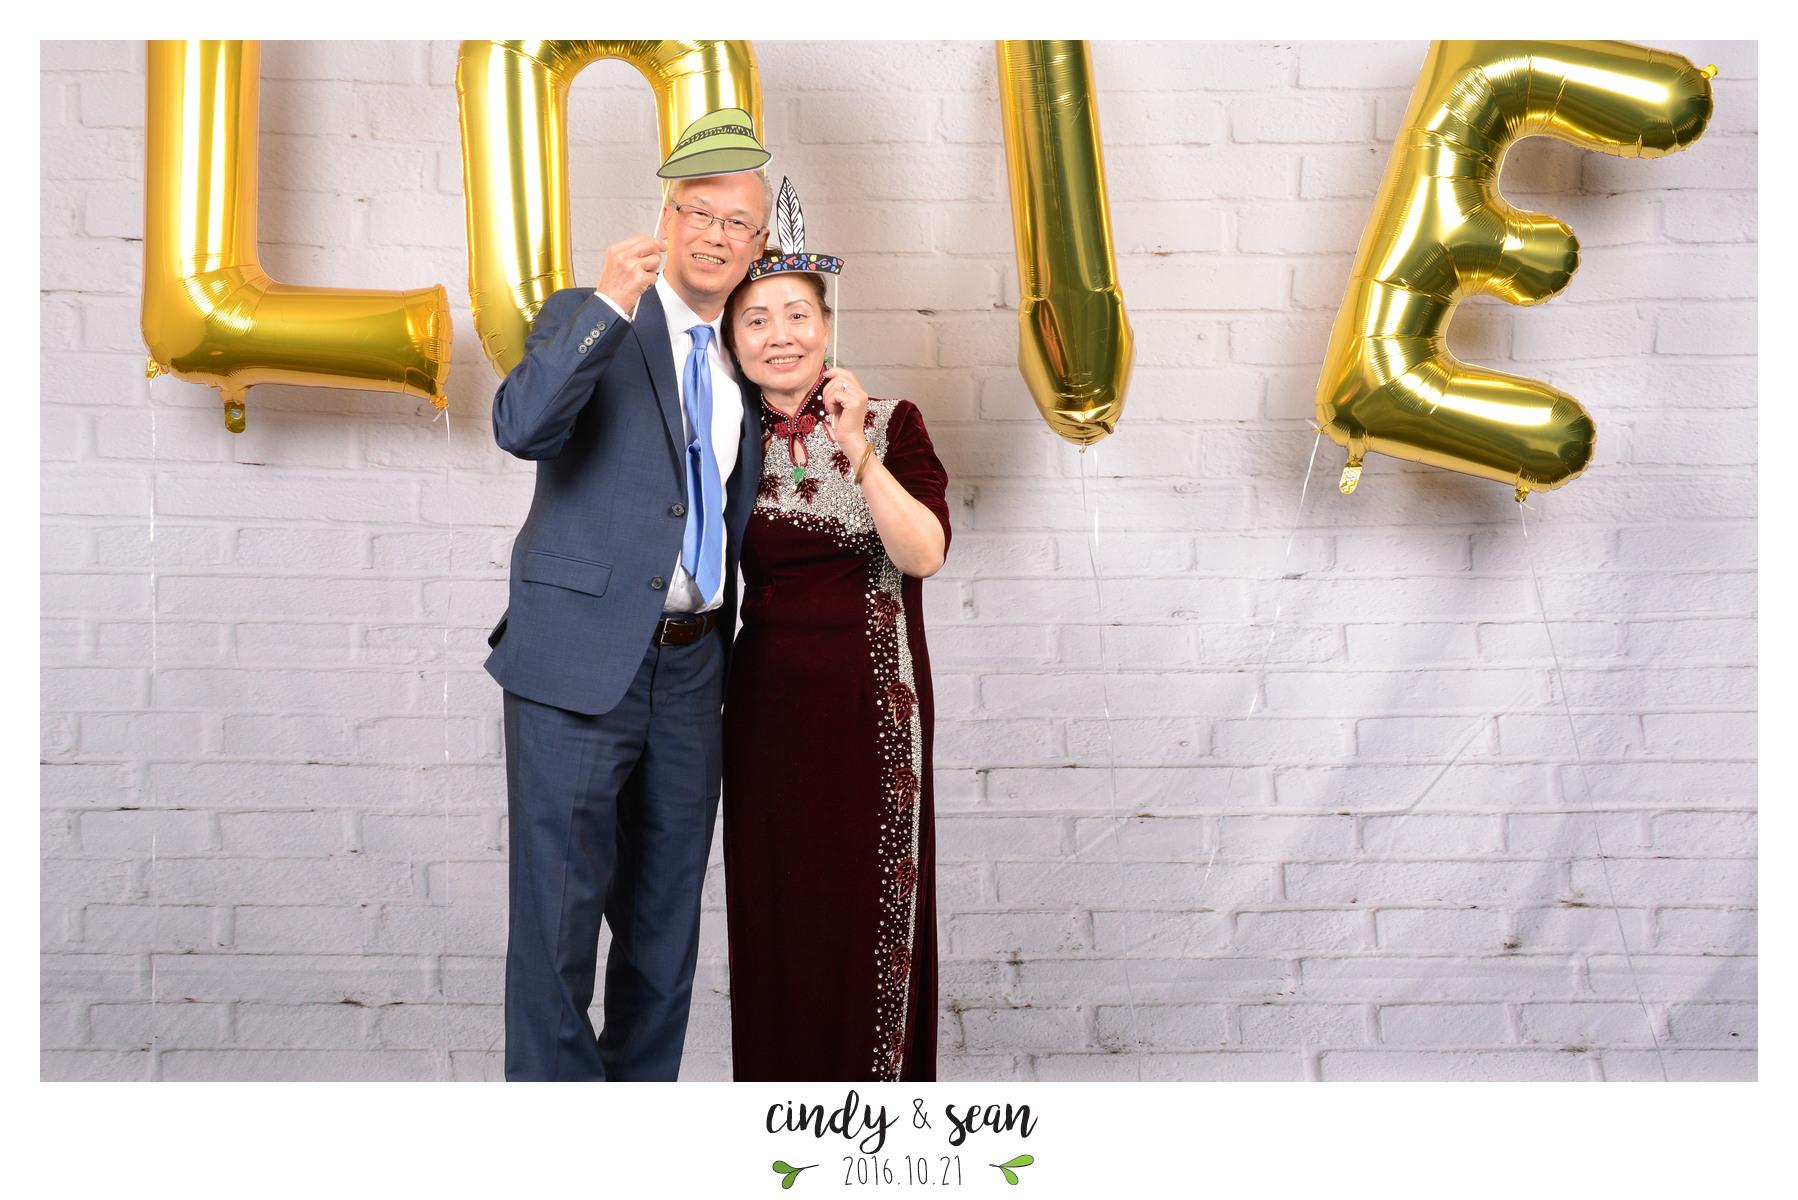 Cindy Sean Bae - 0001-34.jpg